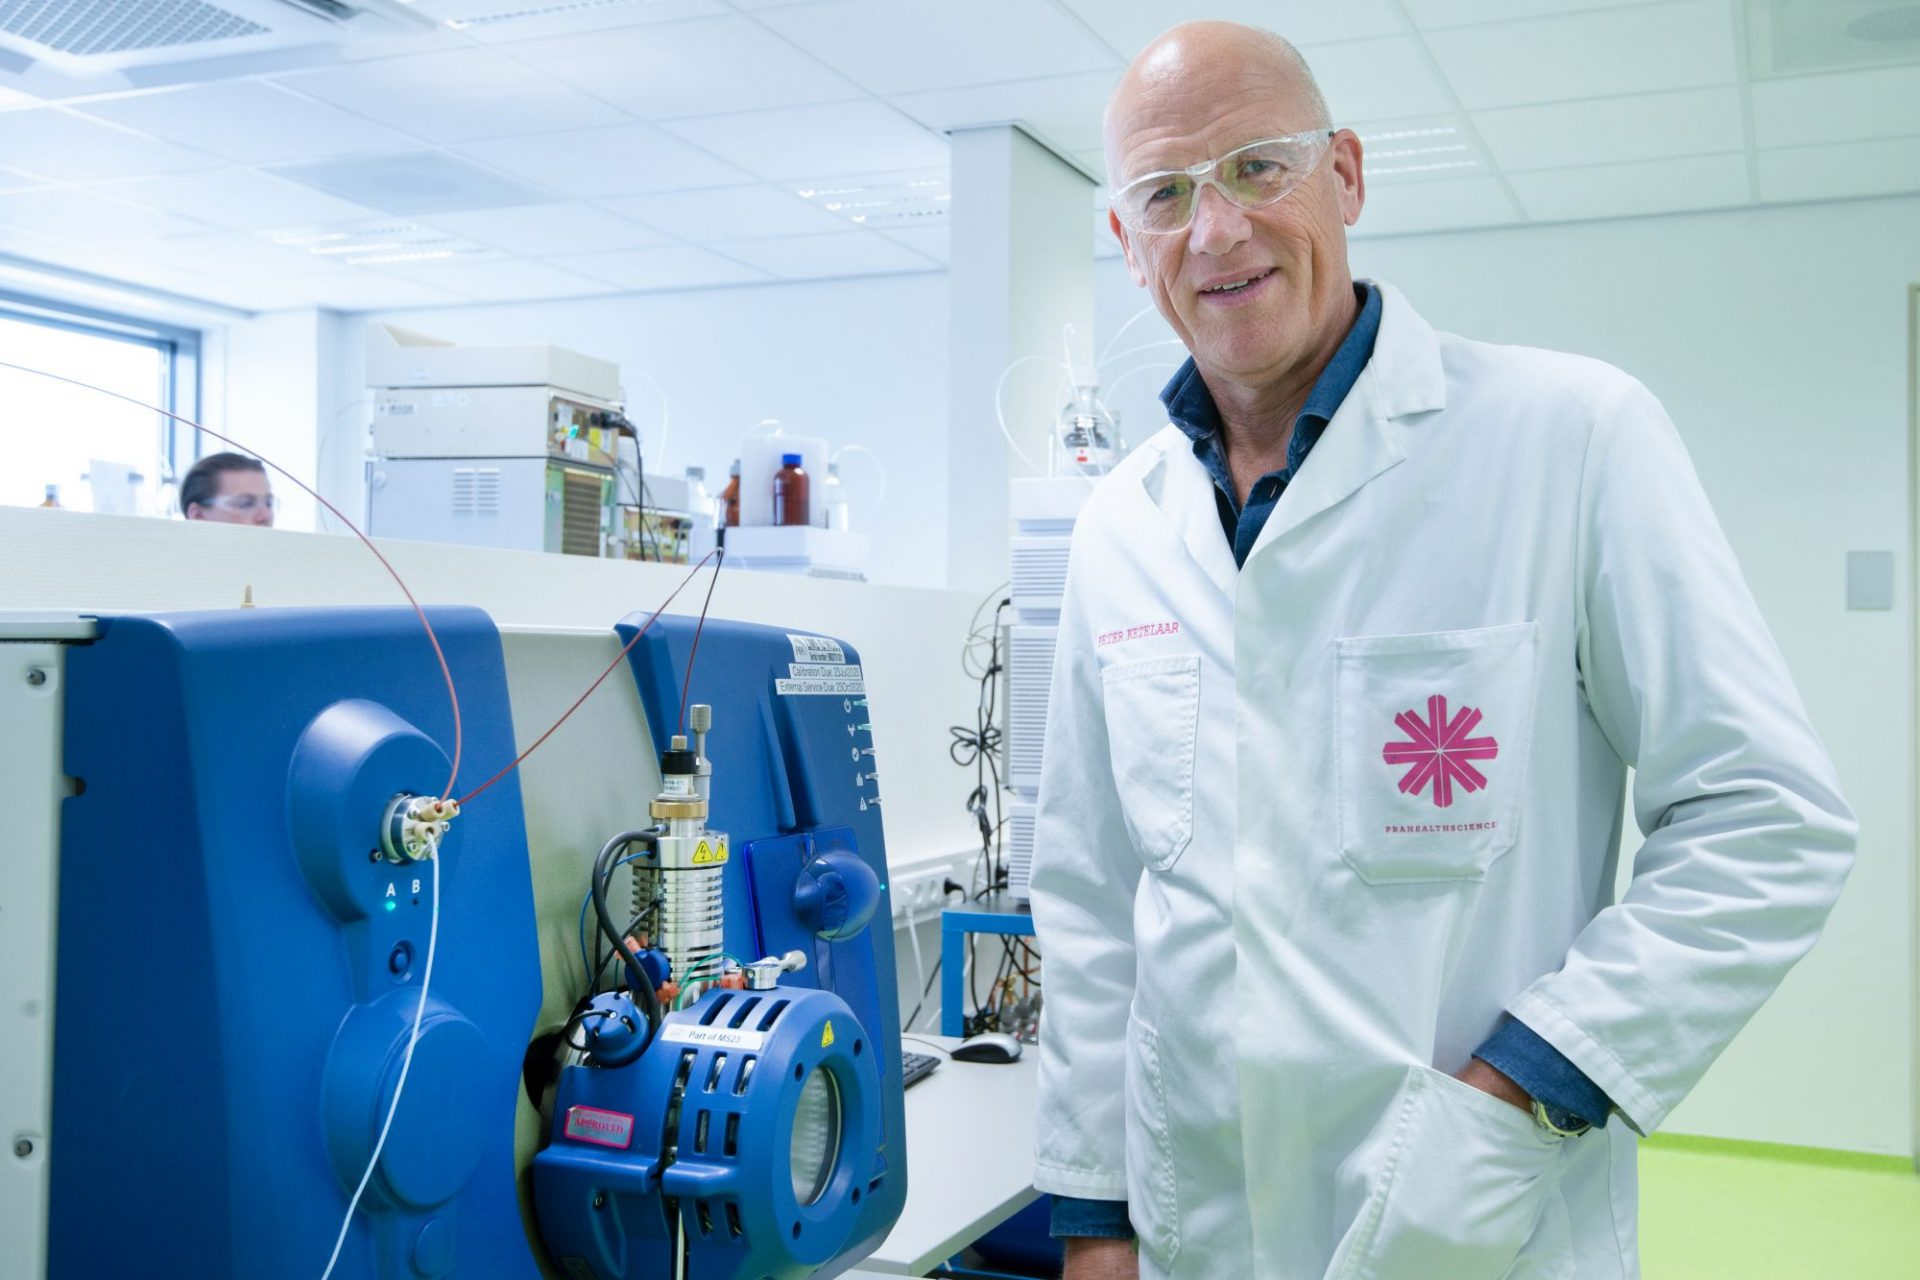 NOM kijkt om: PRA: al 36 jaar leidend in geneesmiddelenonderzoek